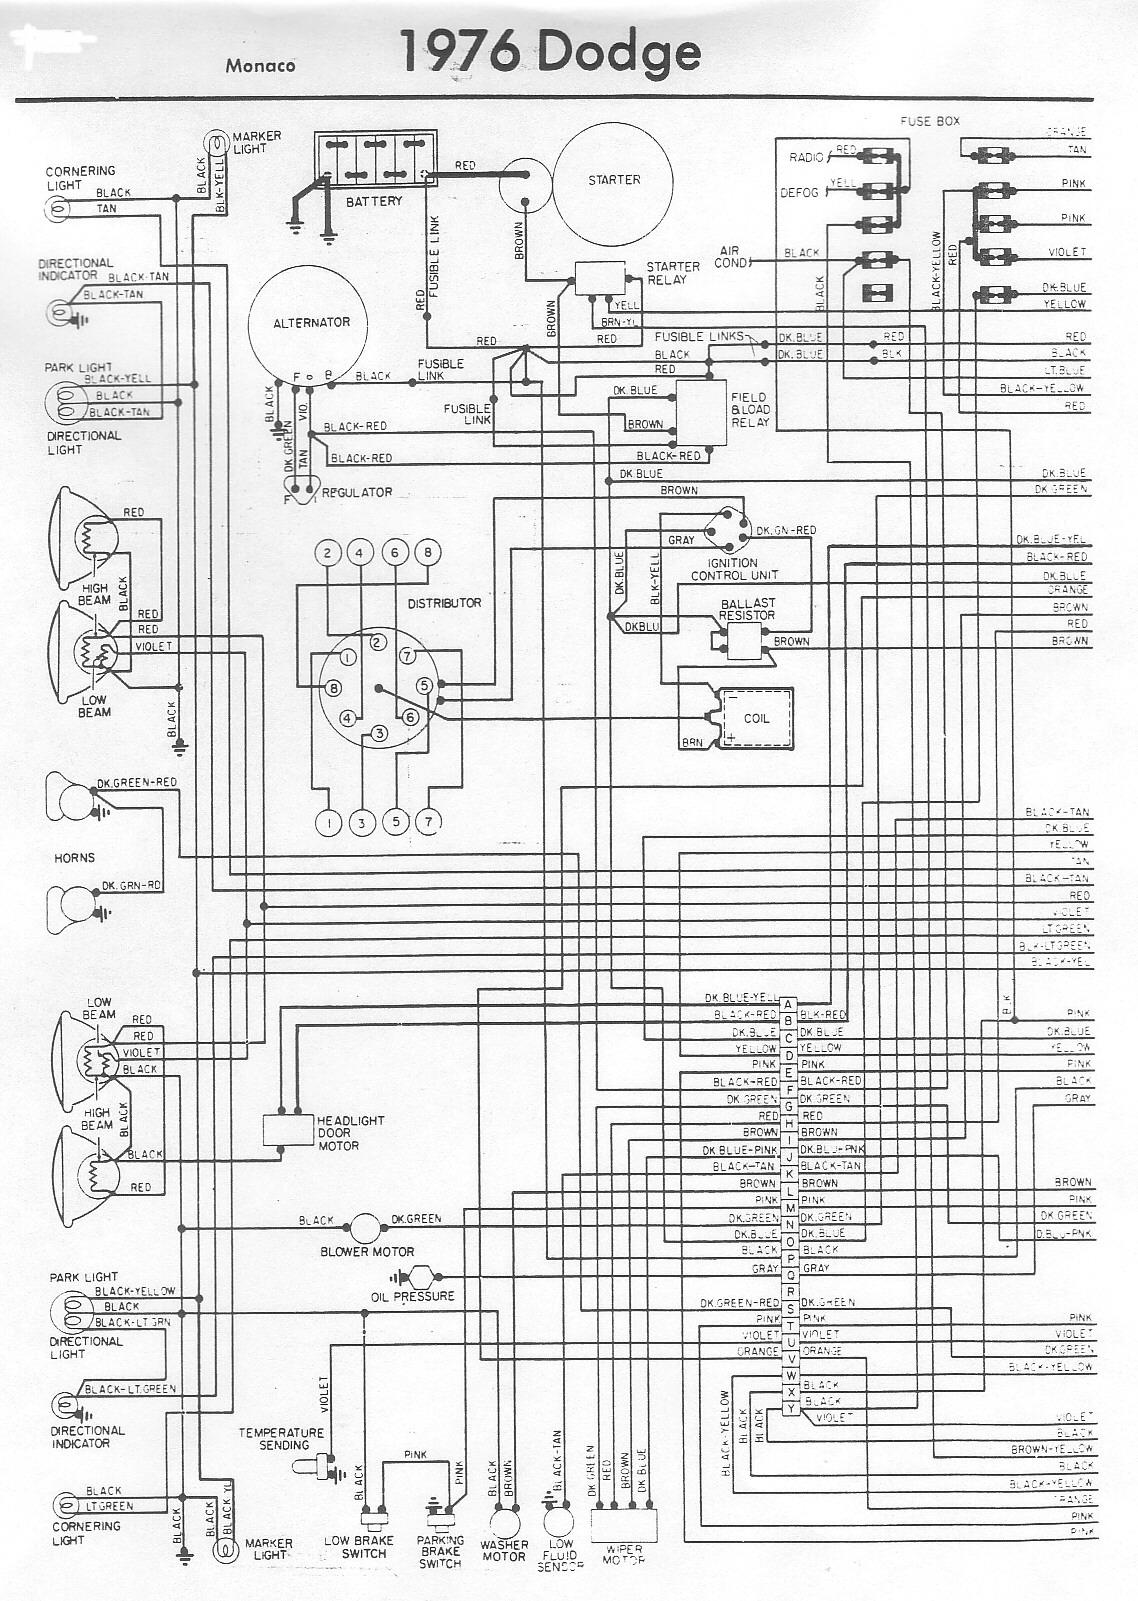 1976 Dodge Wiring Diagram Wiring Diagram Pass